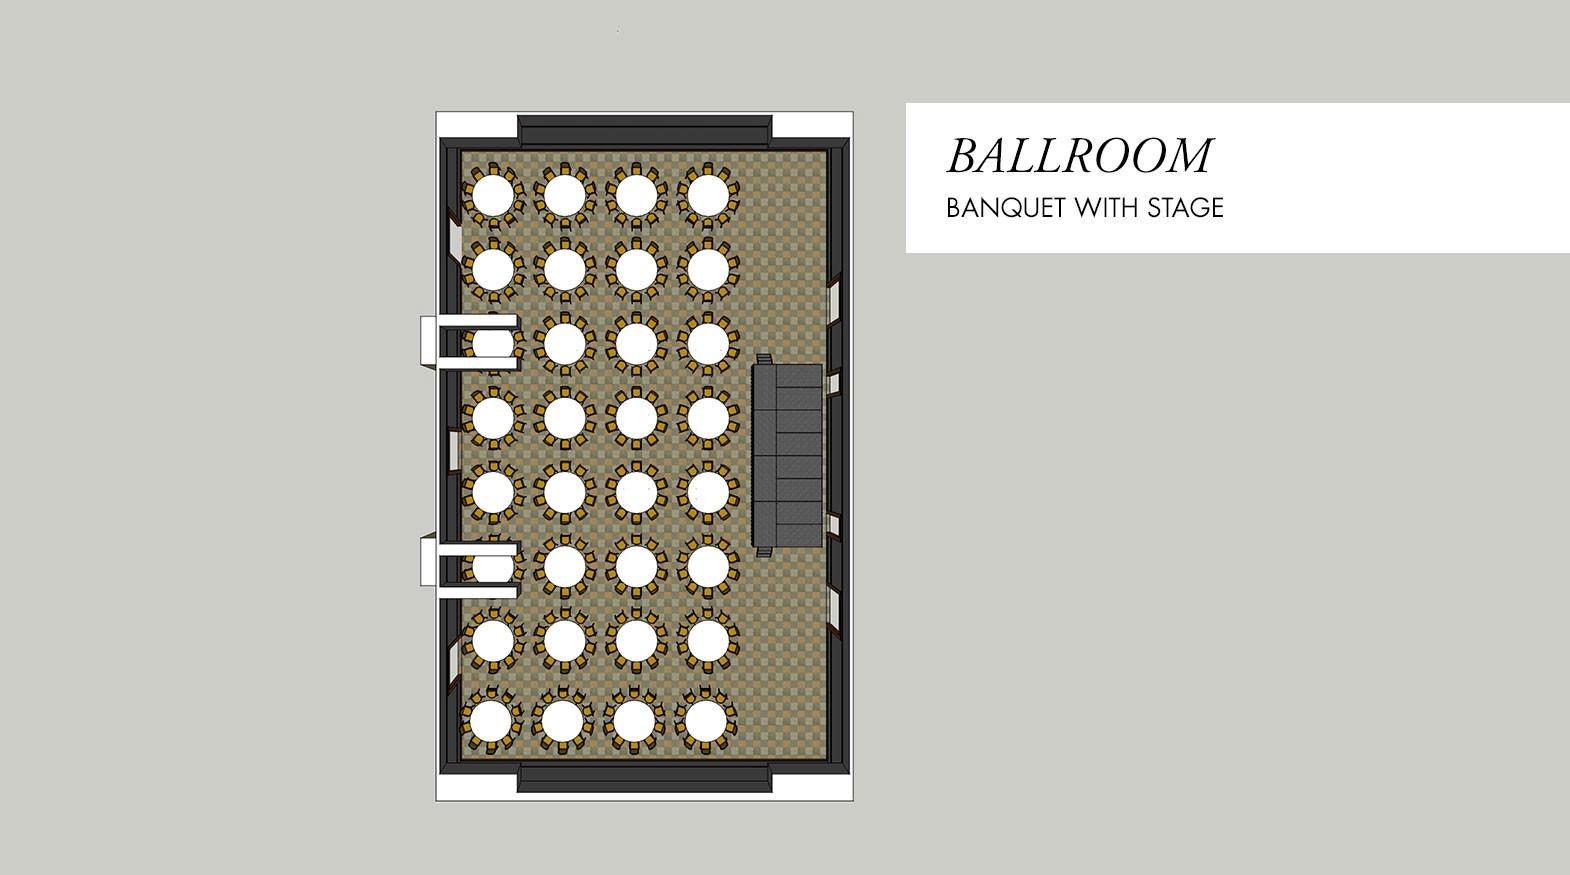 ballroom-banquet.jpg